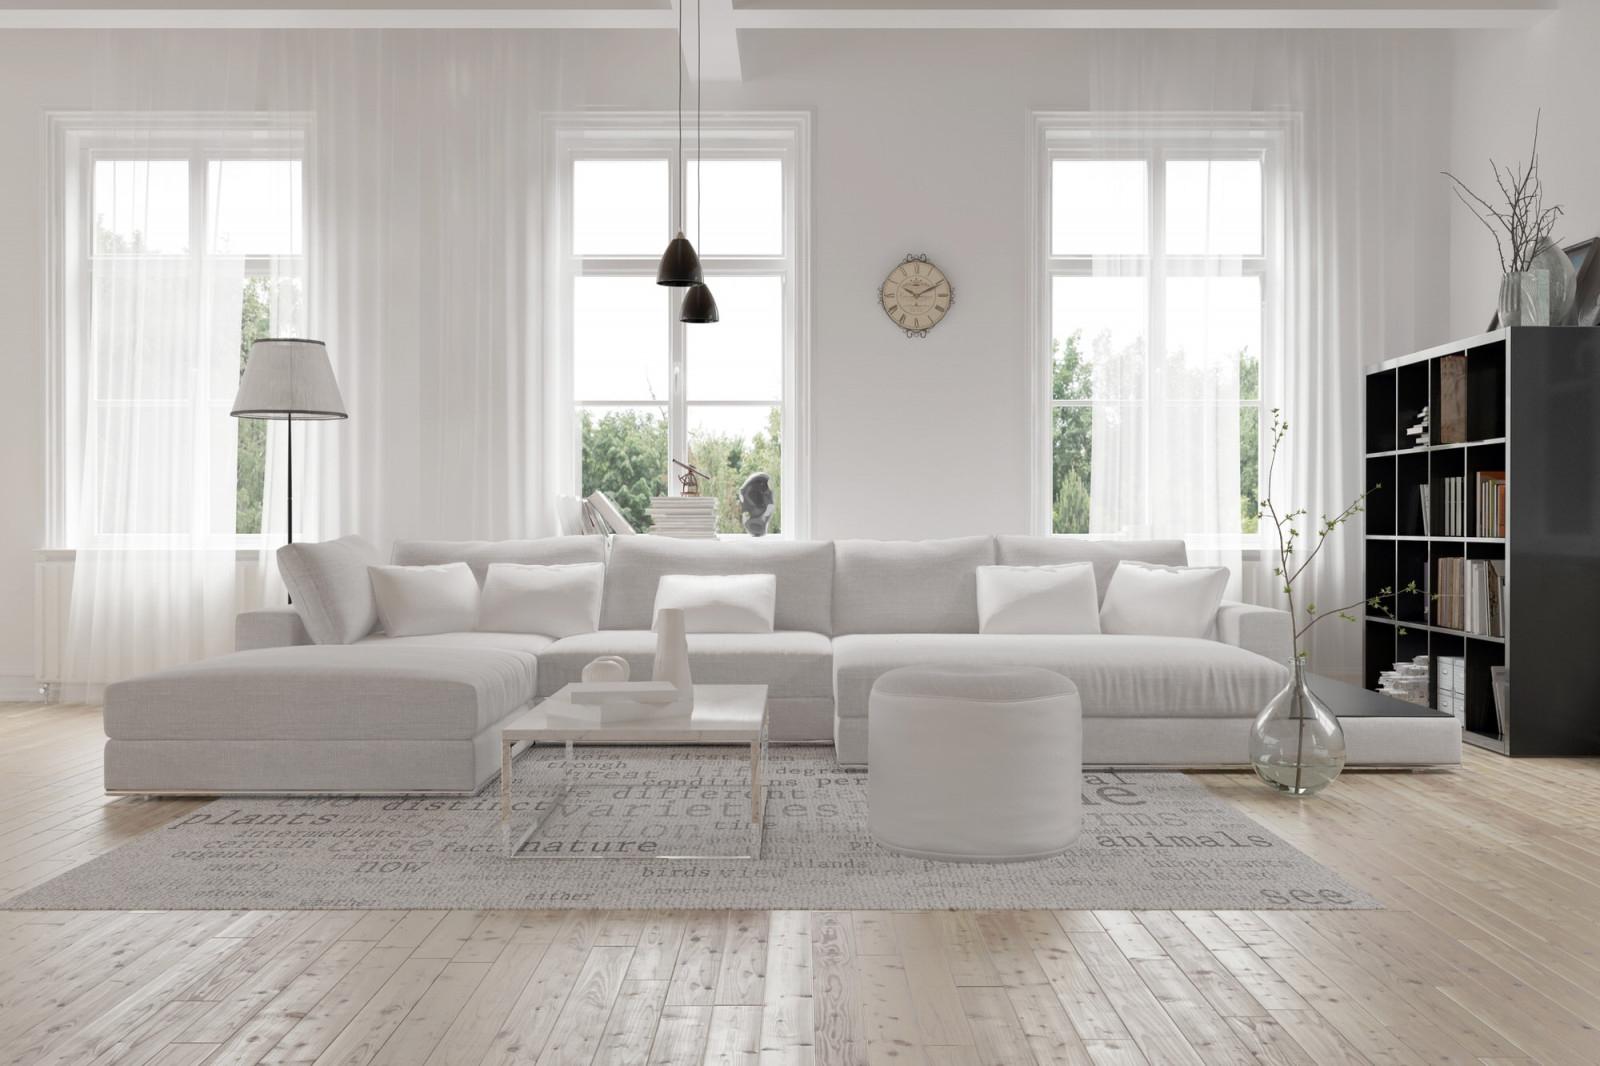 Große Räume Einrichten Und Gestalten – So Geht's  Heimhelden von Großes Wohnzimmer Einrichten Bilder Photo